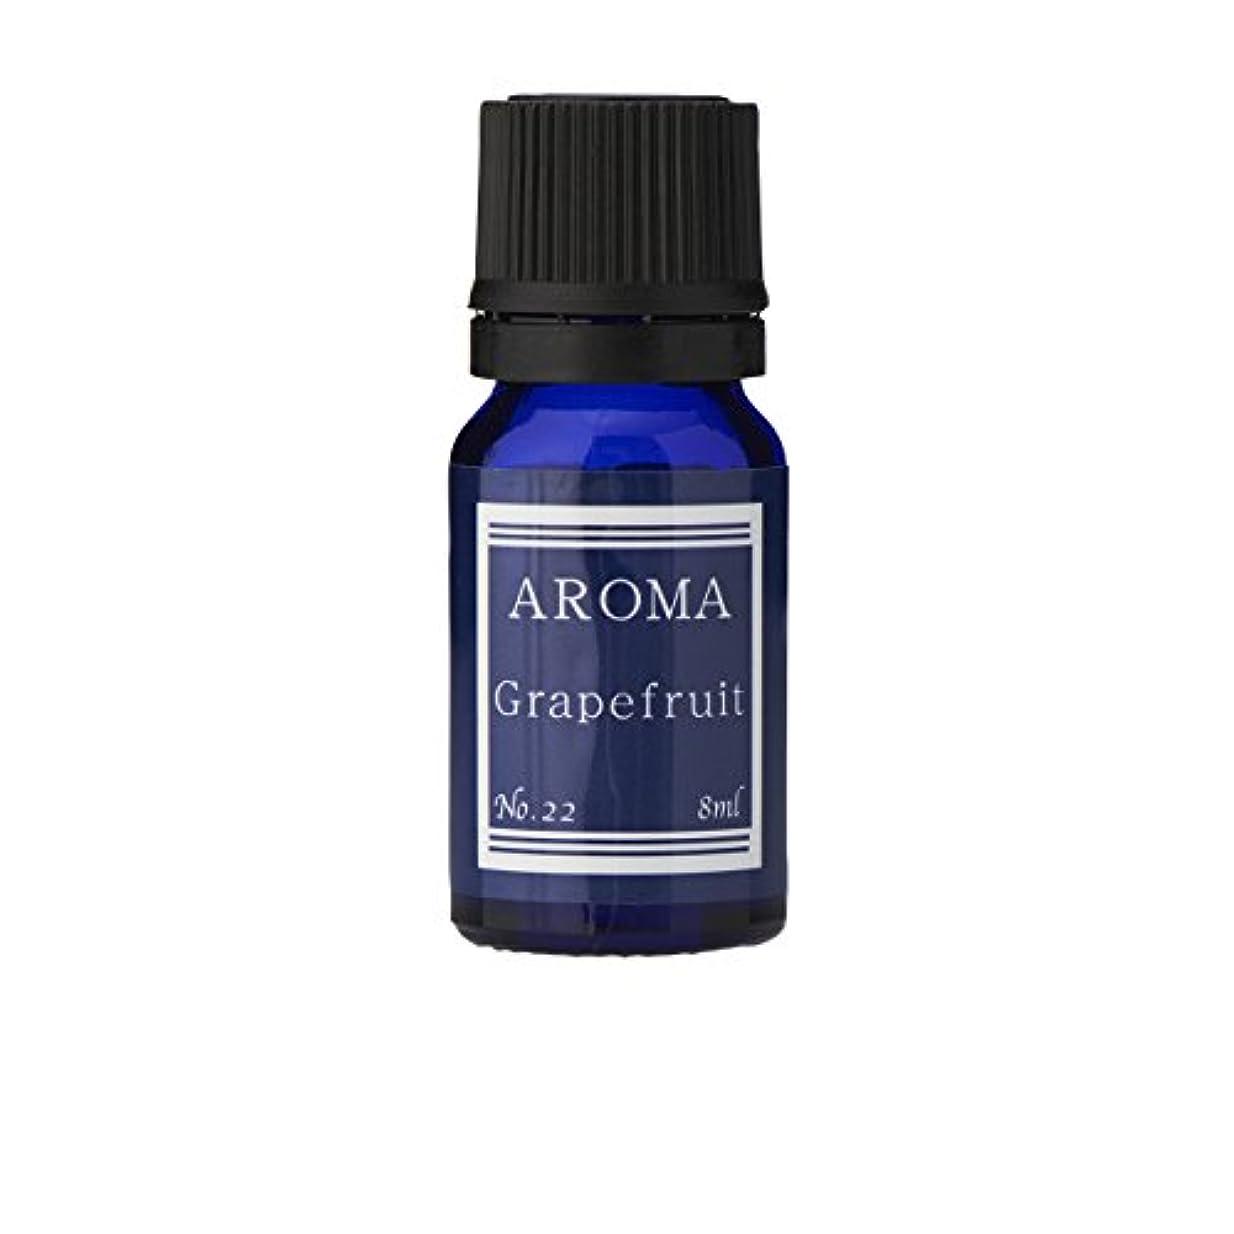 シェードピケモットーブルーラベル アロマエッセンス8ml グレープフルーツ(アロマオイル 調合香料 芳香用)